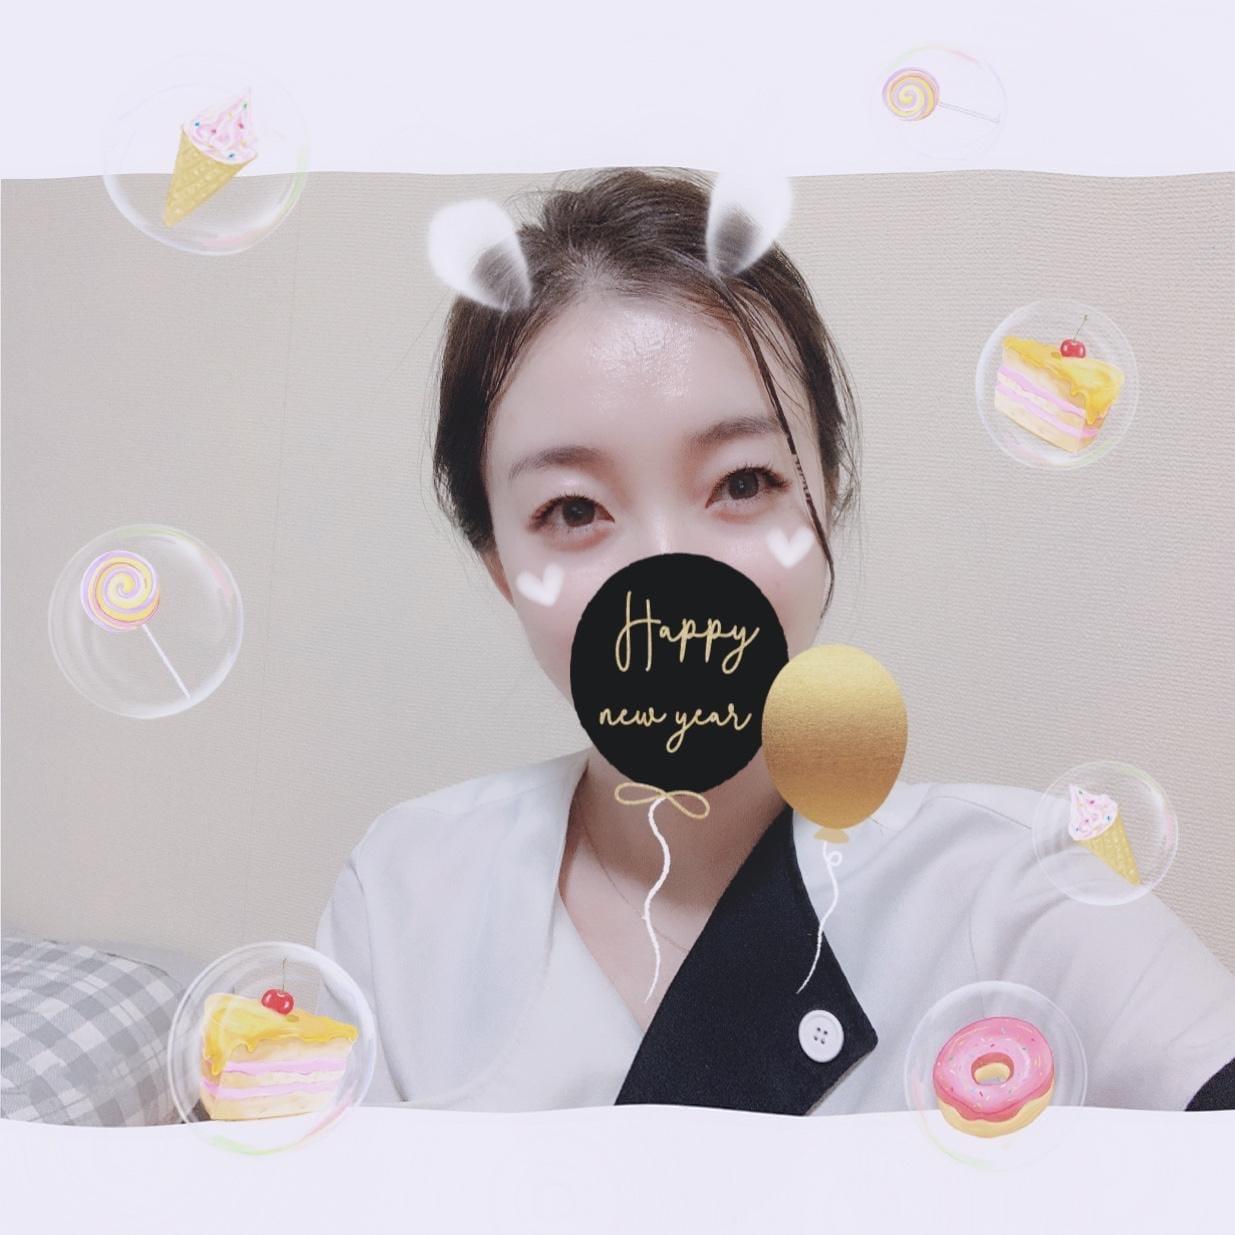 「♡♡♡」12/28(月) 18:11   桐谷ユアの写メ・風俗動画